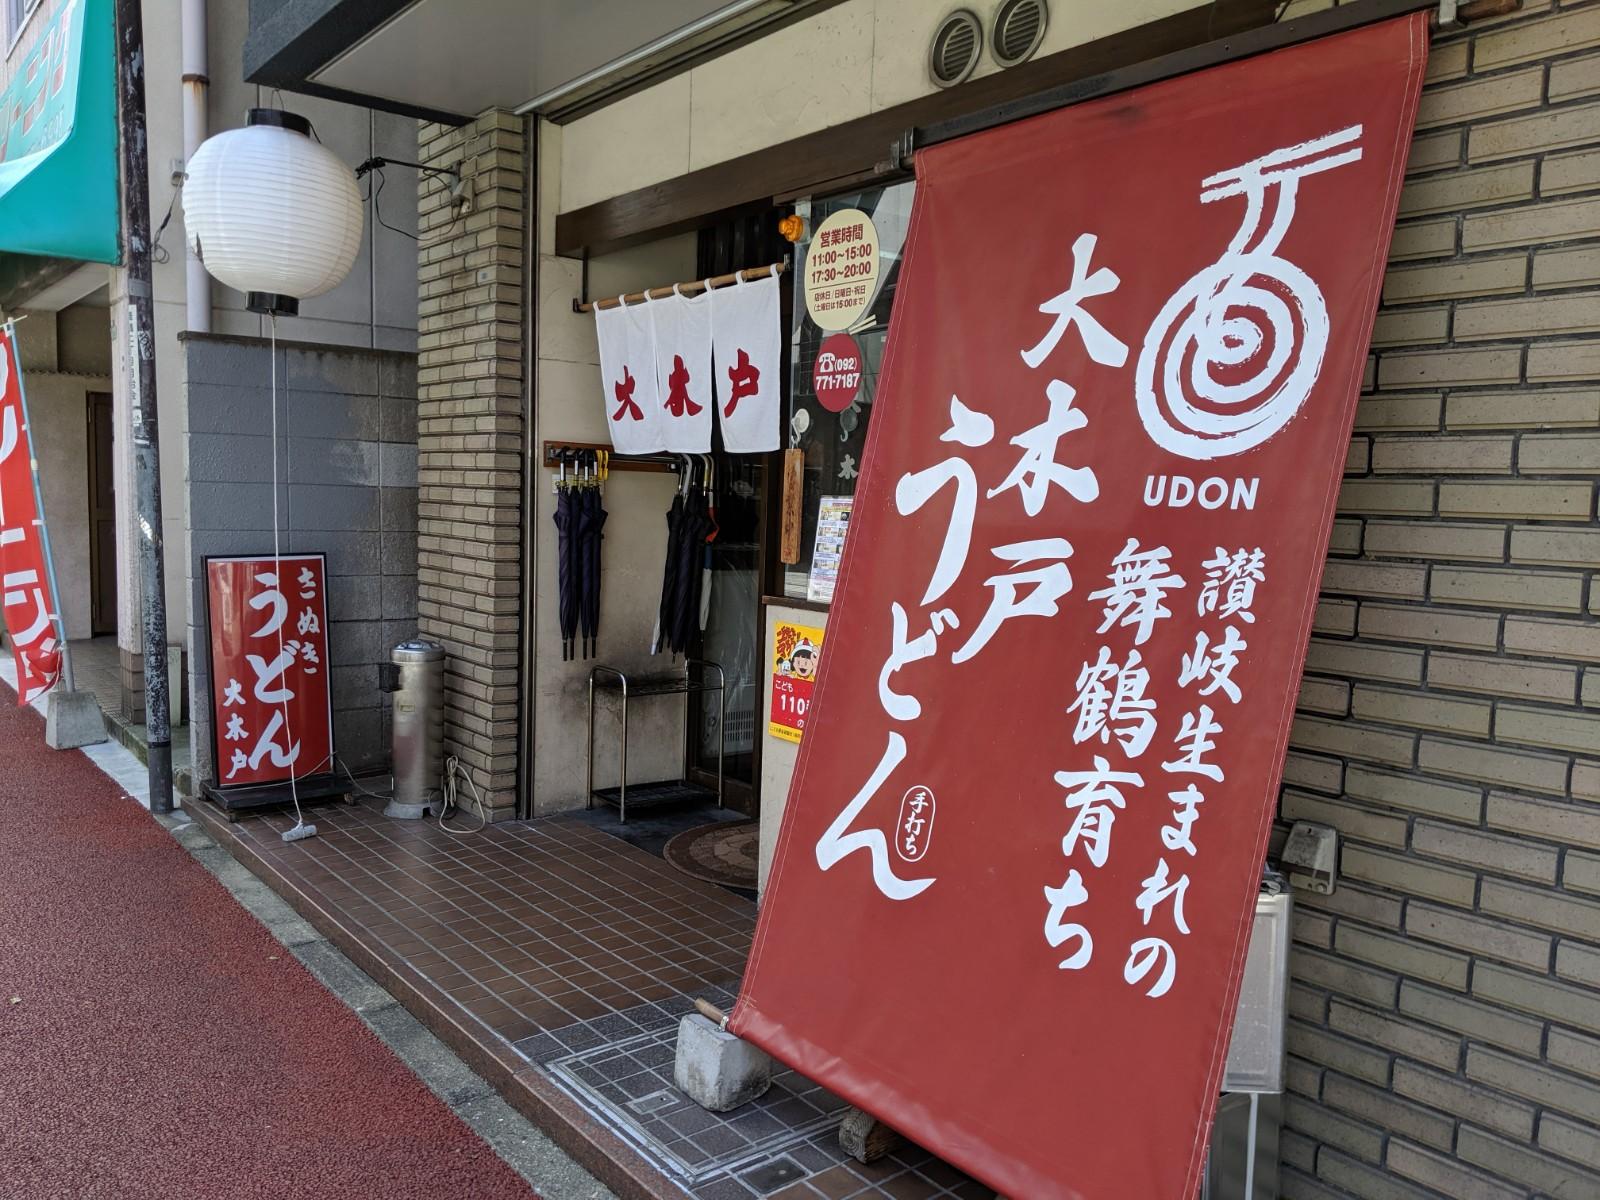 オススメ!さぬきうどん大木戸は安くて美味しいし天ぷら揚げたて【福岡舞鶴店:舞鶴のうどん屋】